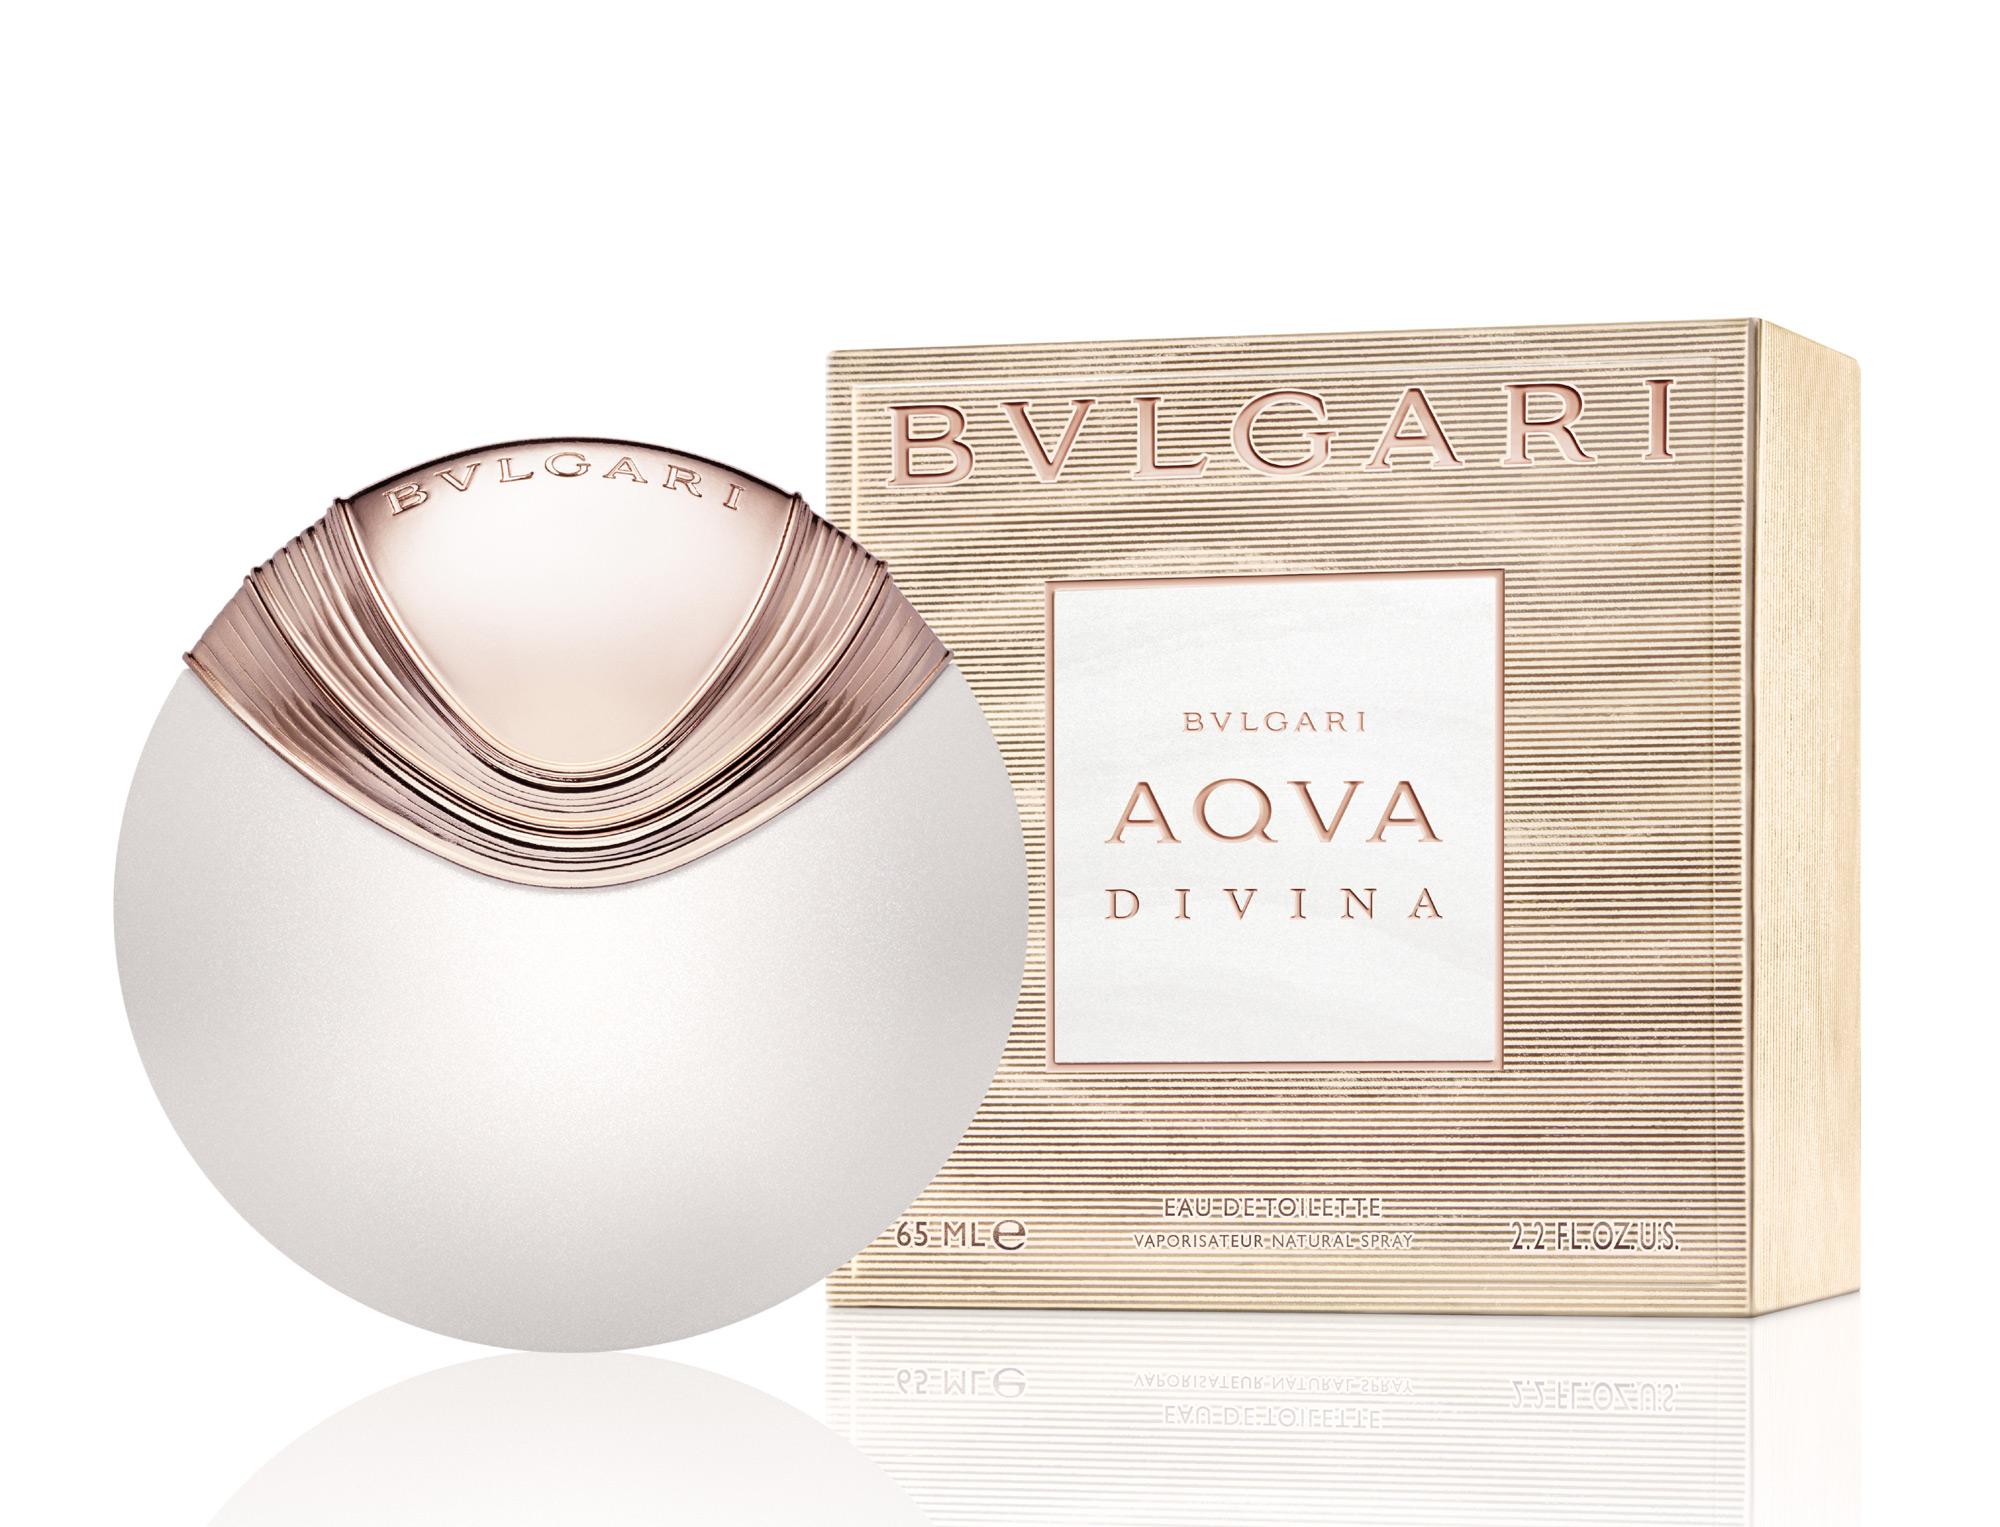 bulgari aqua divina 65ml edt descrizione profumo